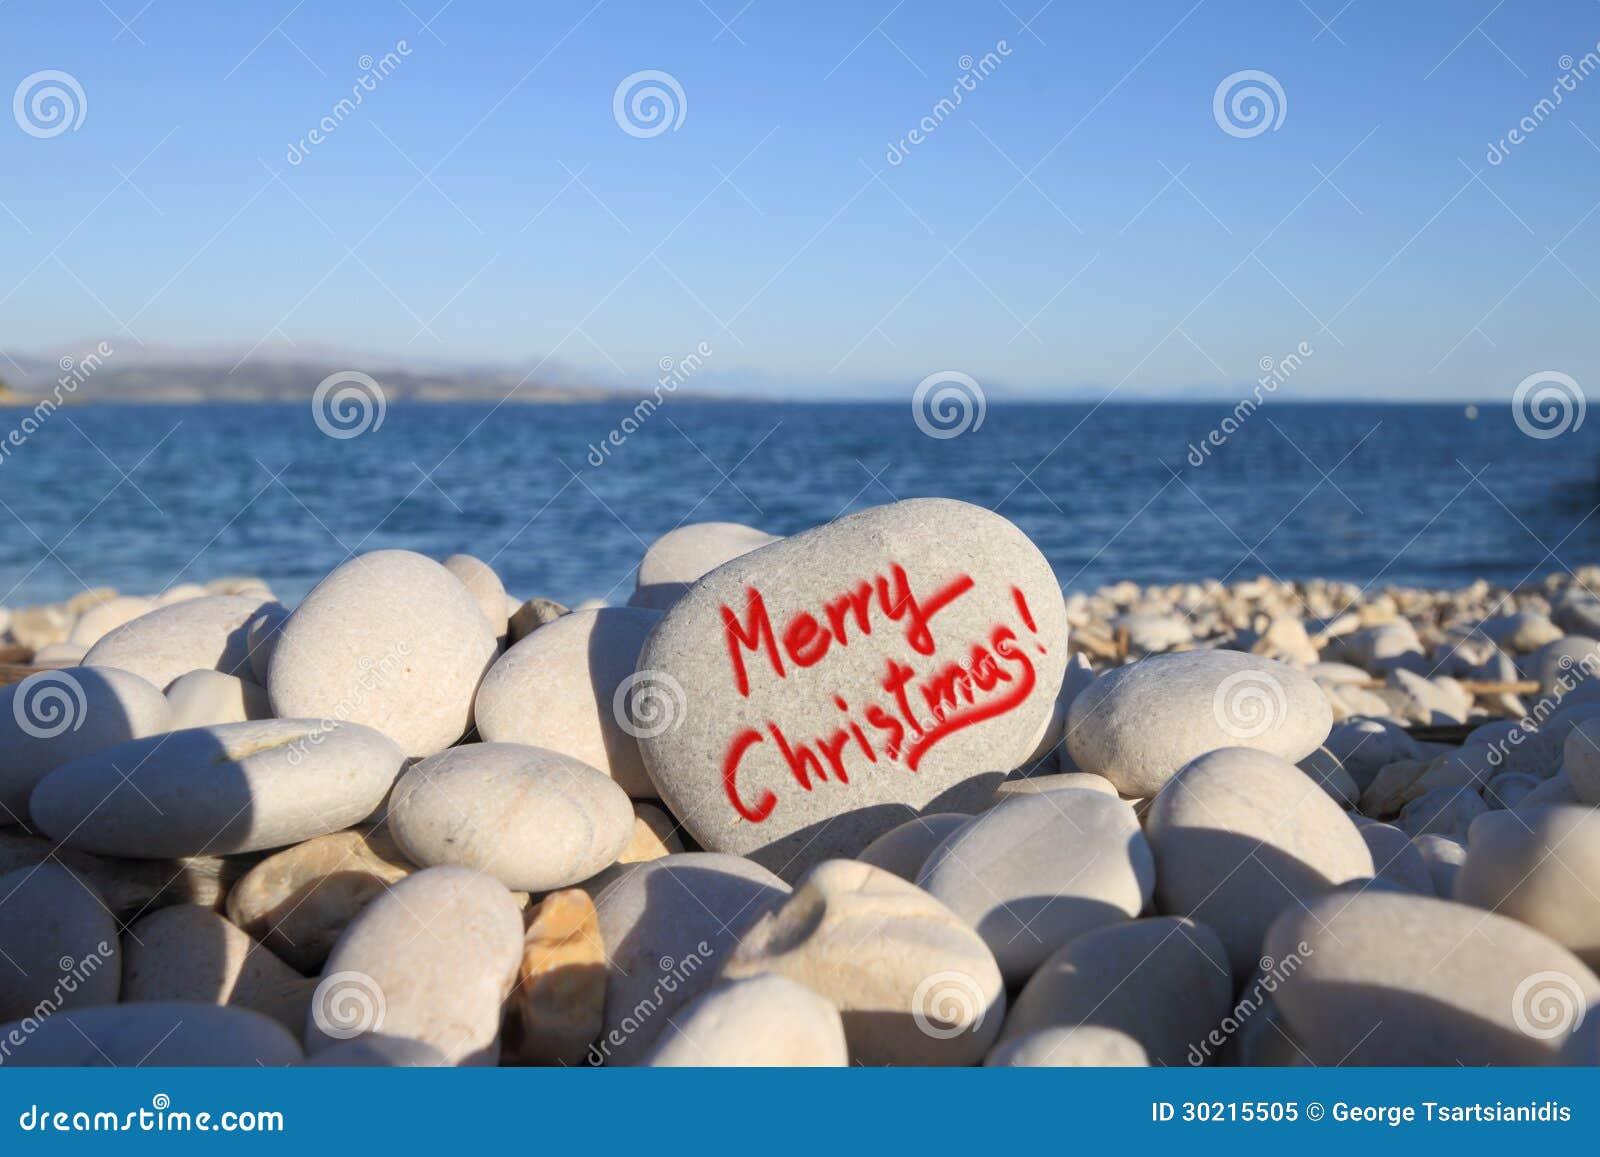 merry christmas on the beach - Merry Christmas Beach